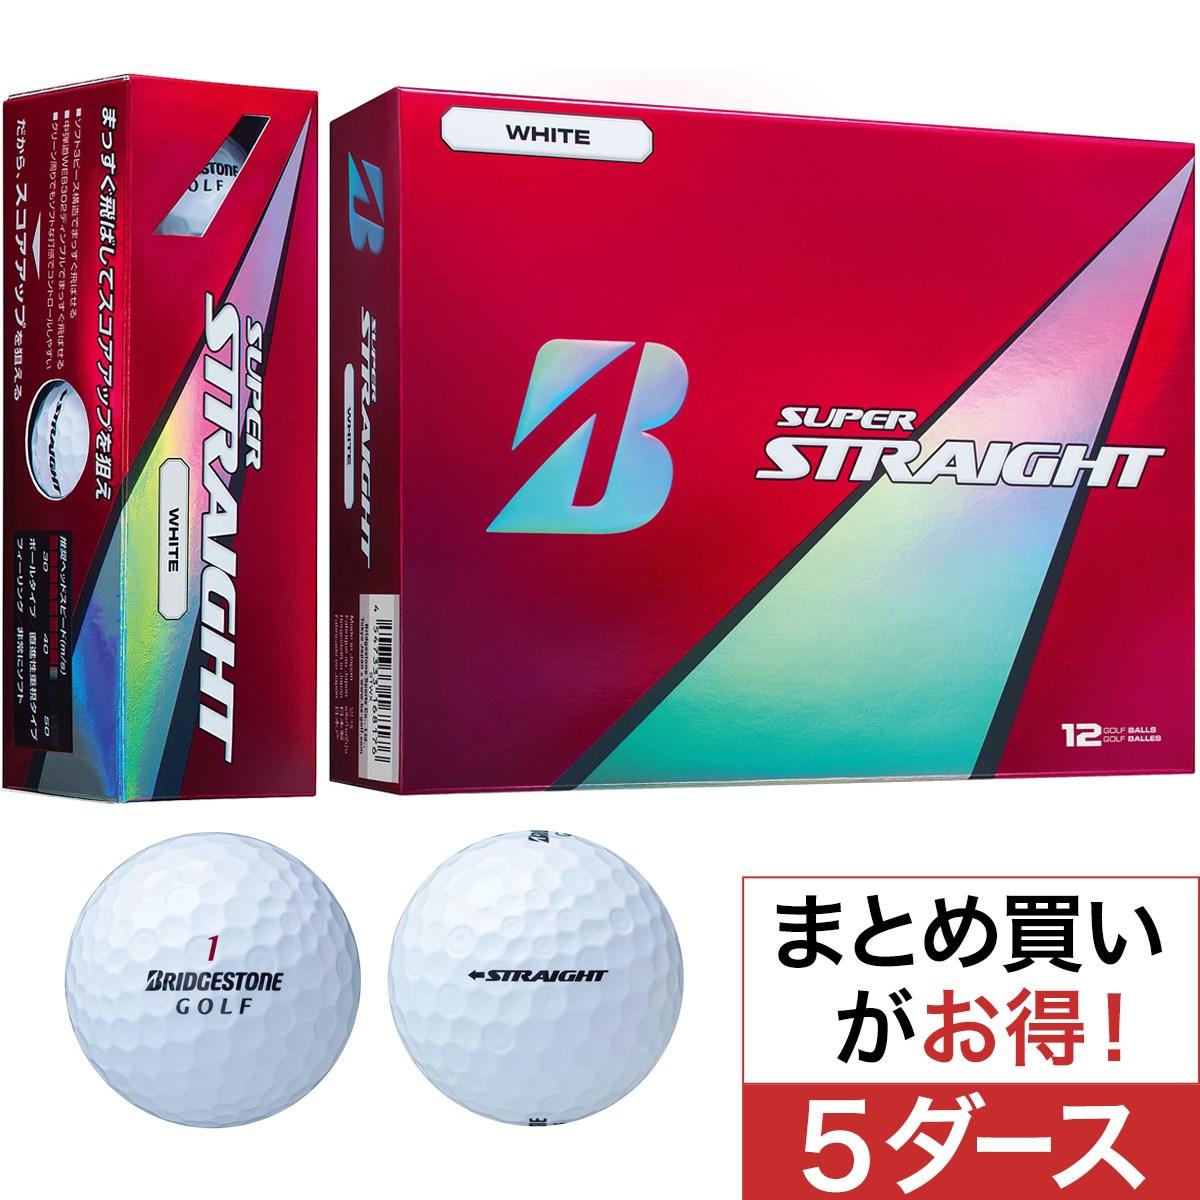 ブリヂストン(BRIDGESTONE GOLF) SUPER STRAIGHT スーパーストレート ボール 5ダースセット